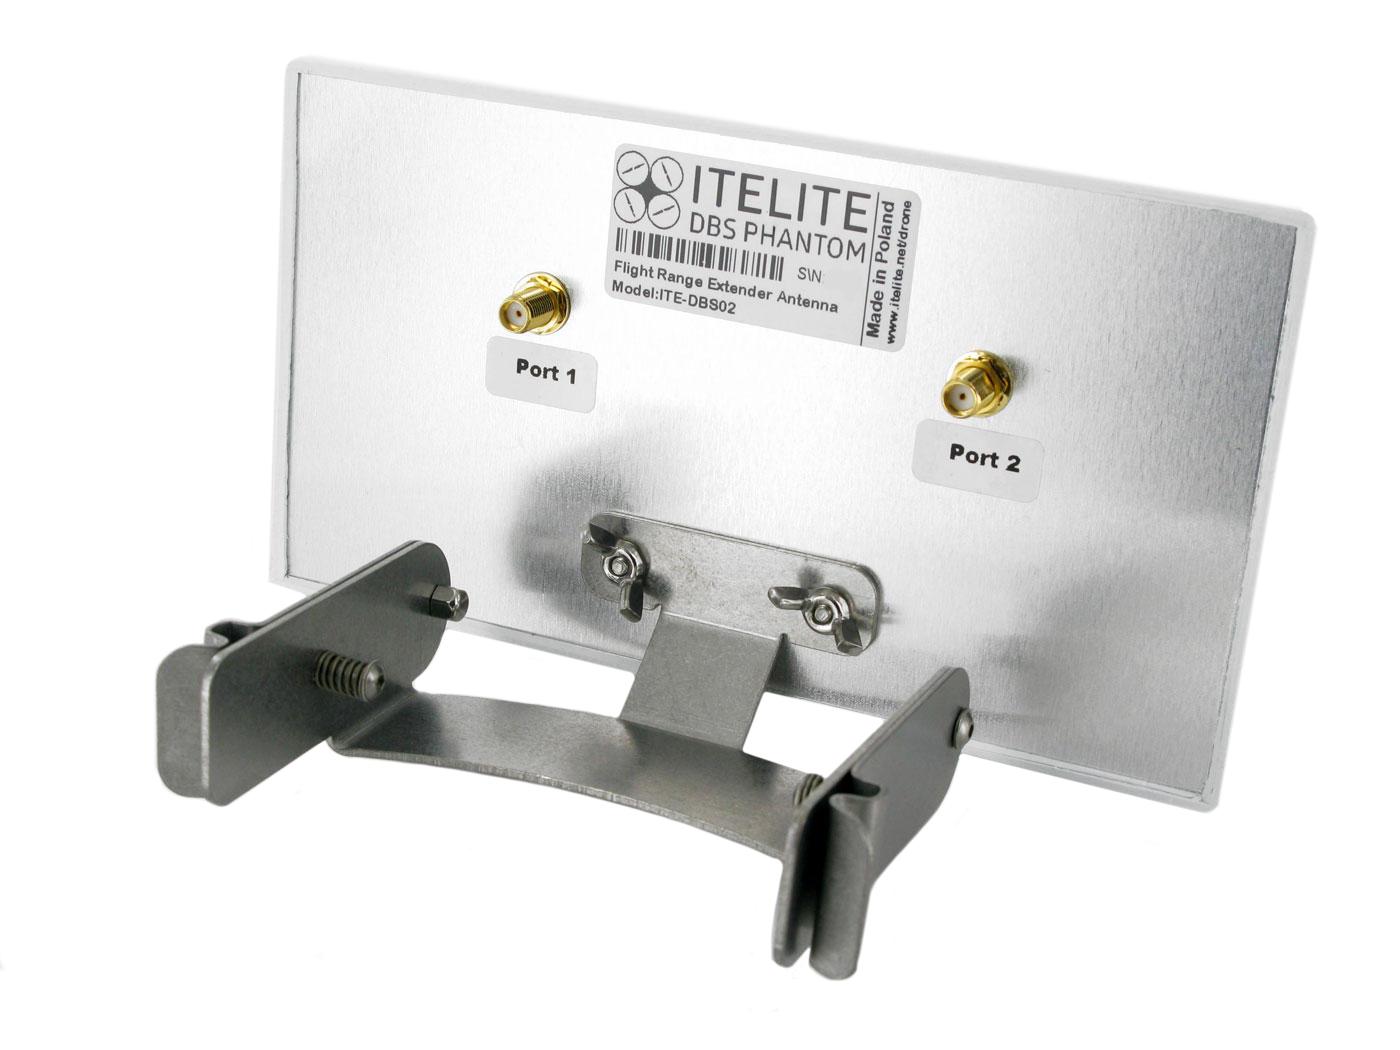 Усилитель сигнала для пульта д/у фантом дешево change battery для коптера для селфи фантом